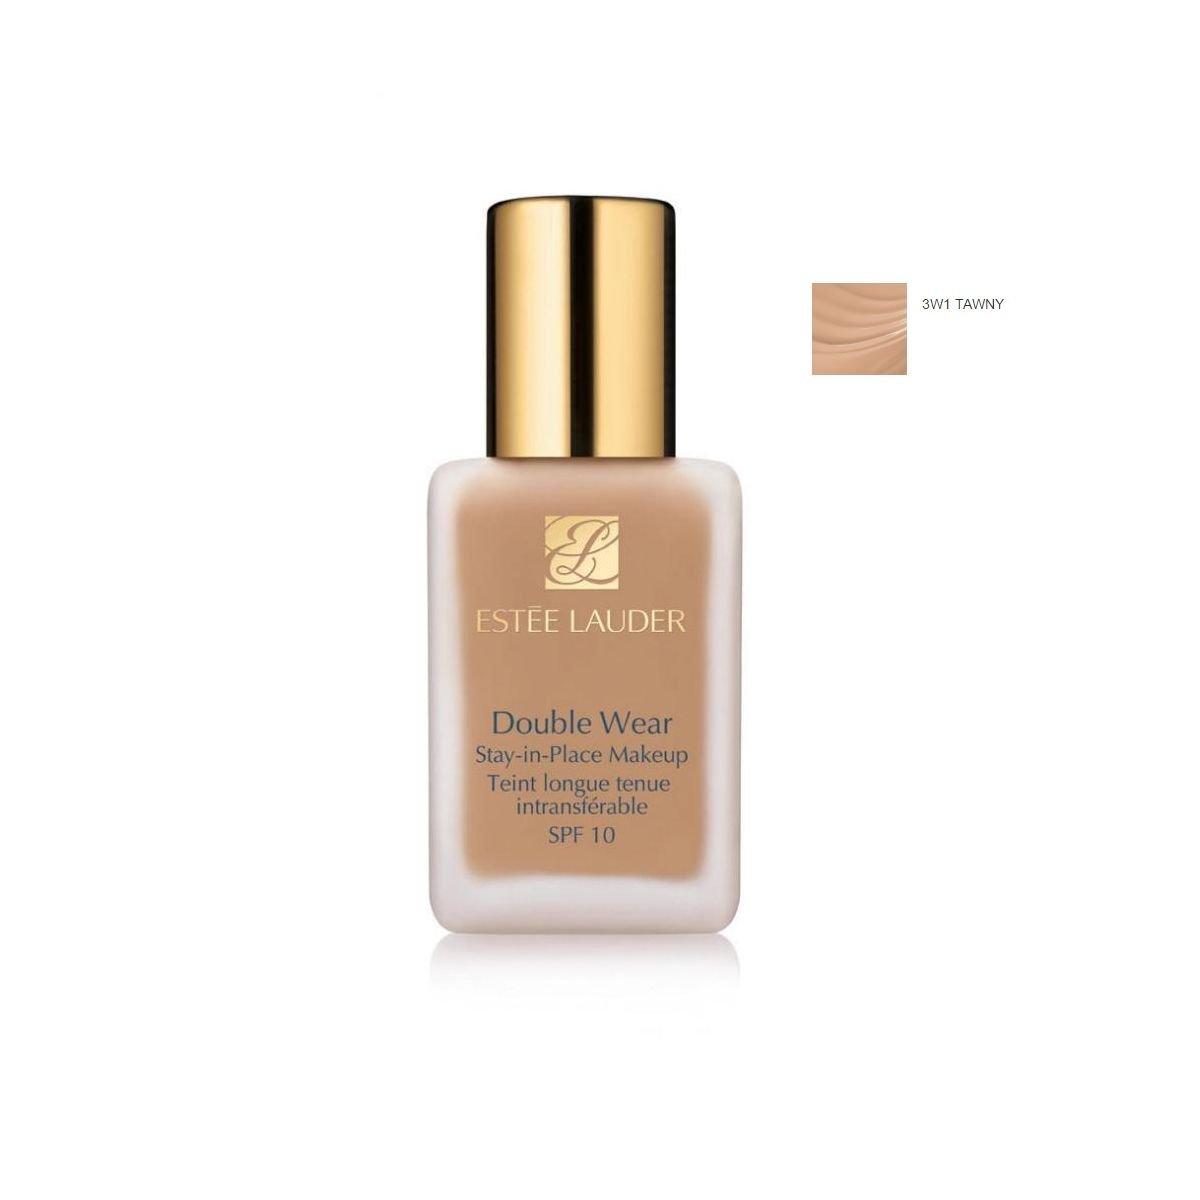 Estée Lauder, Acabado de maquillaje Shell Beige (SPF 10, piel normal, tono de piel medio) - 30 ml. Estee Lauder 0027131187073 14993